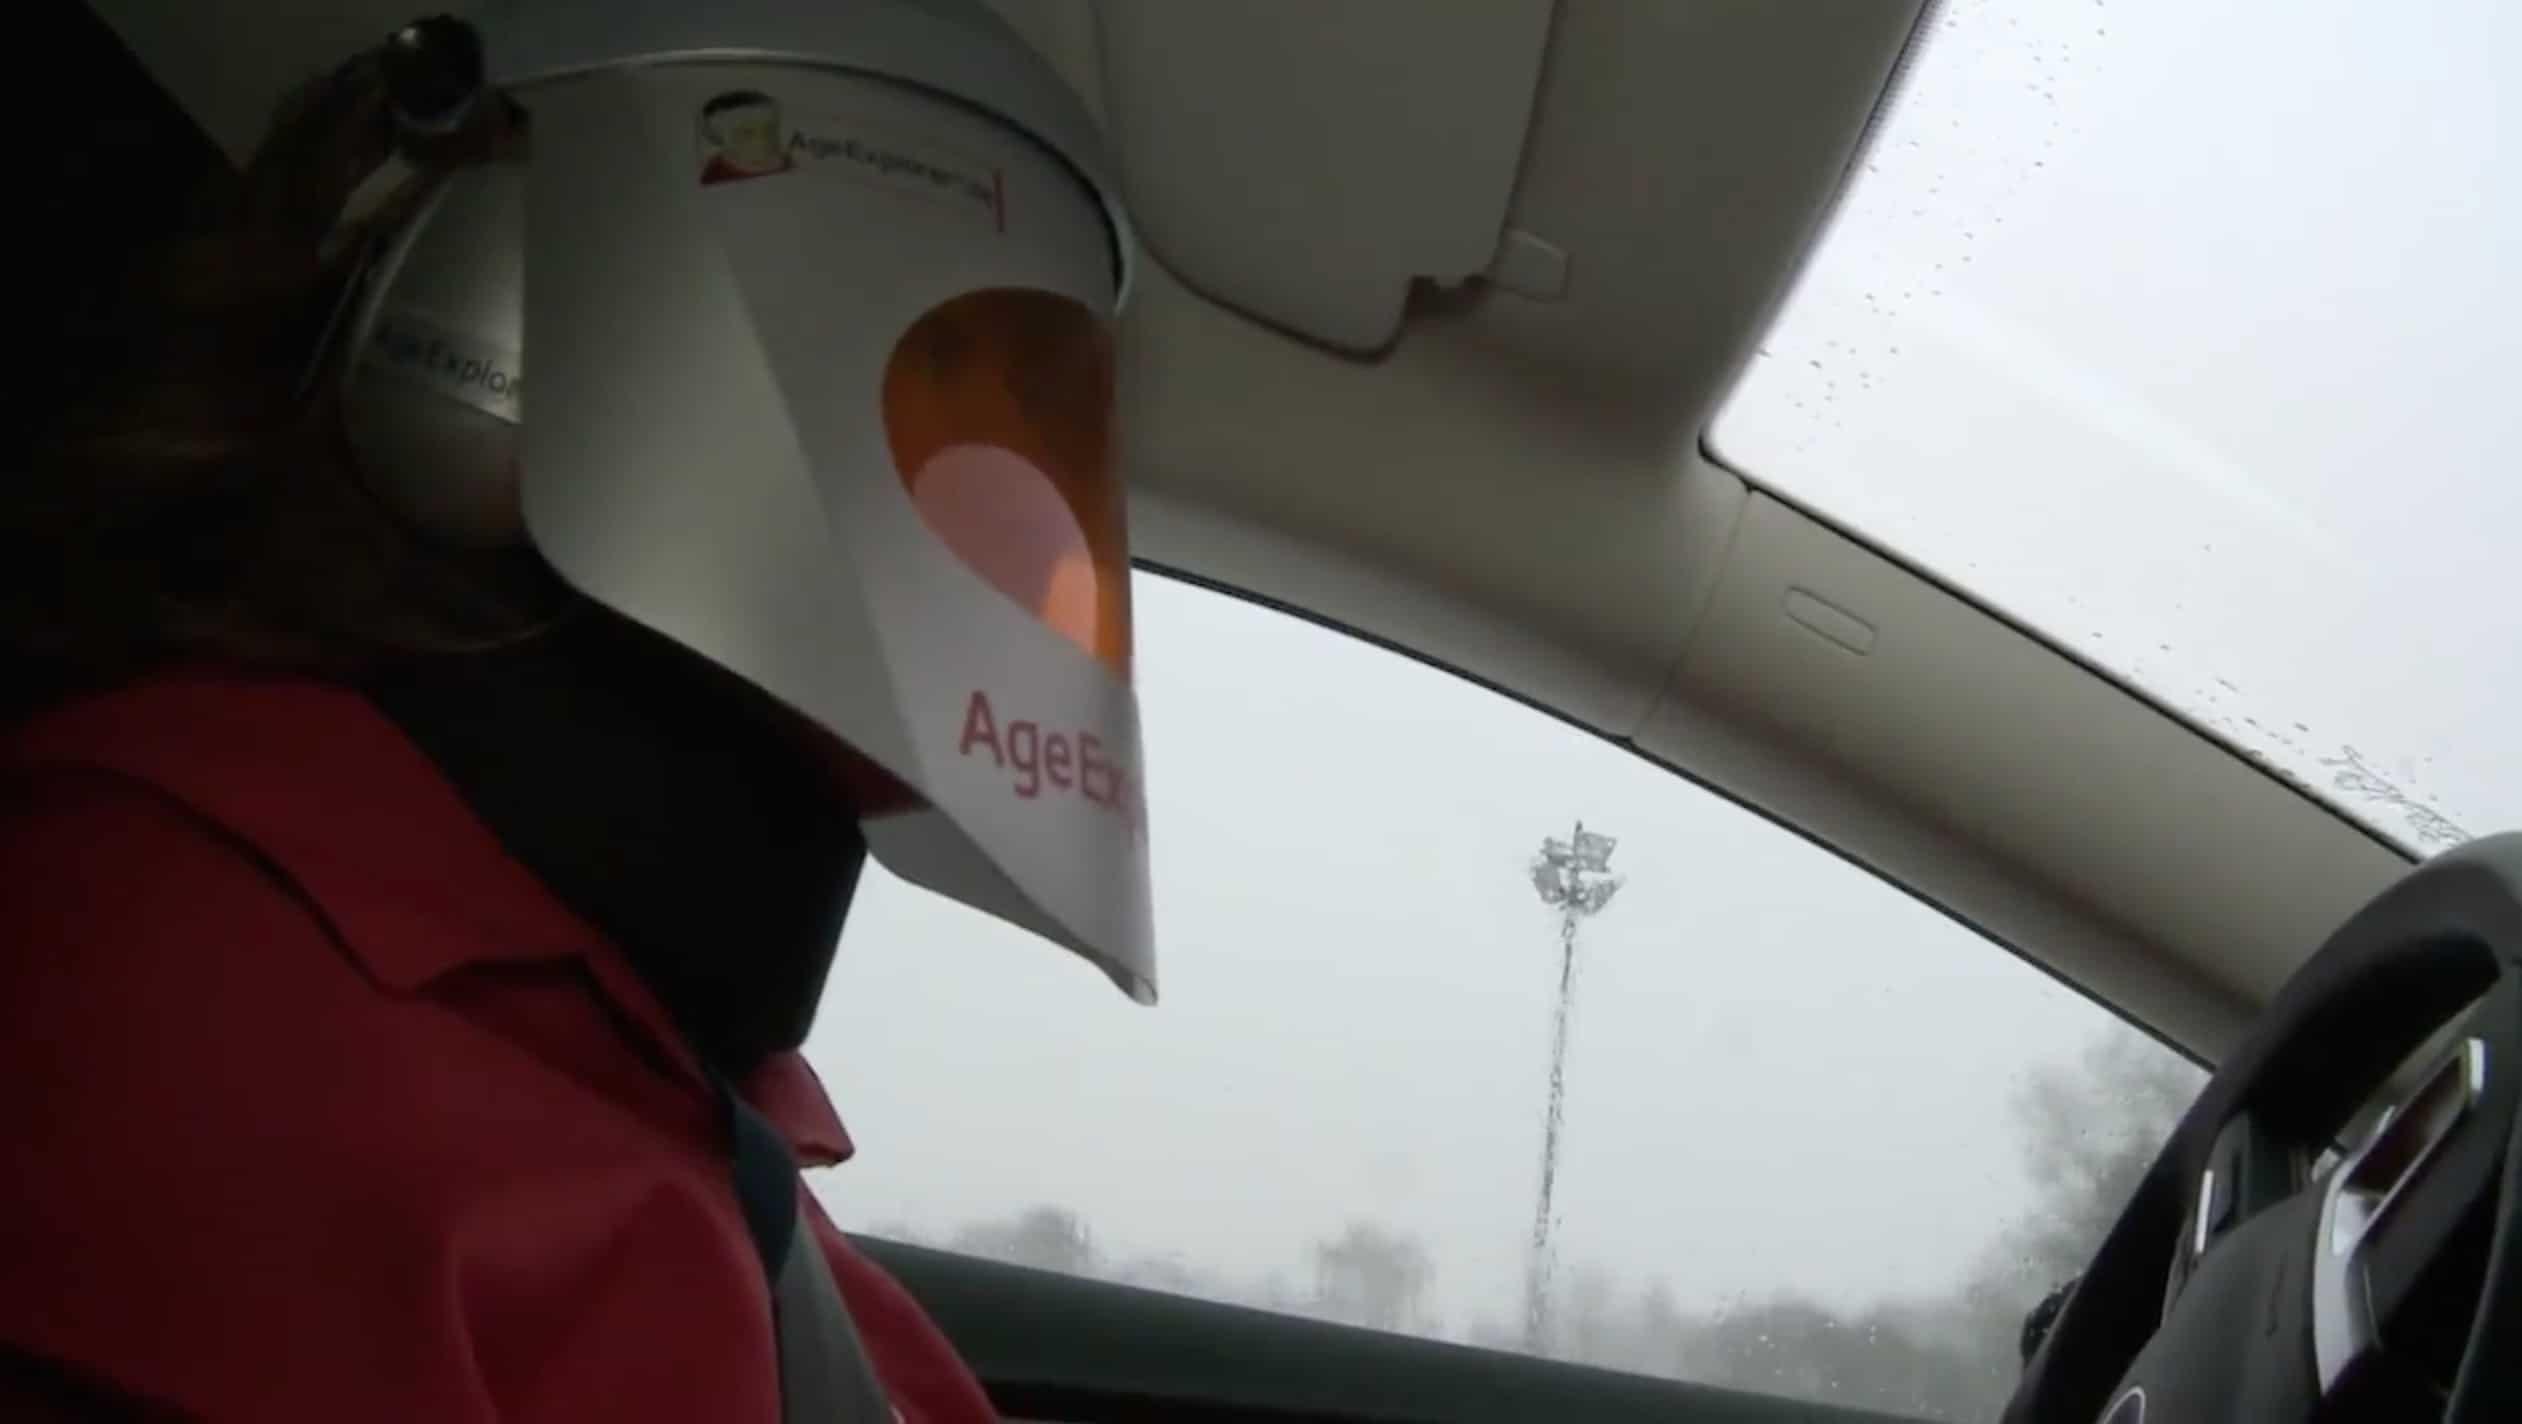 DVR - Fahranfänger testen den Alterssimulationsanzug Age Explorer